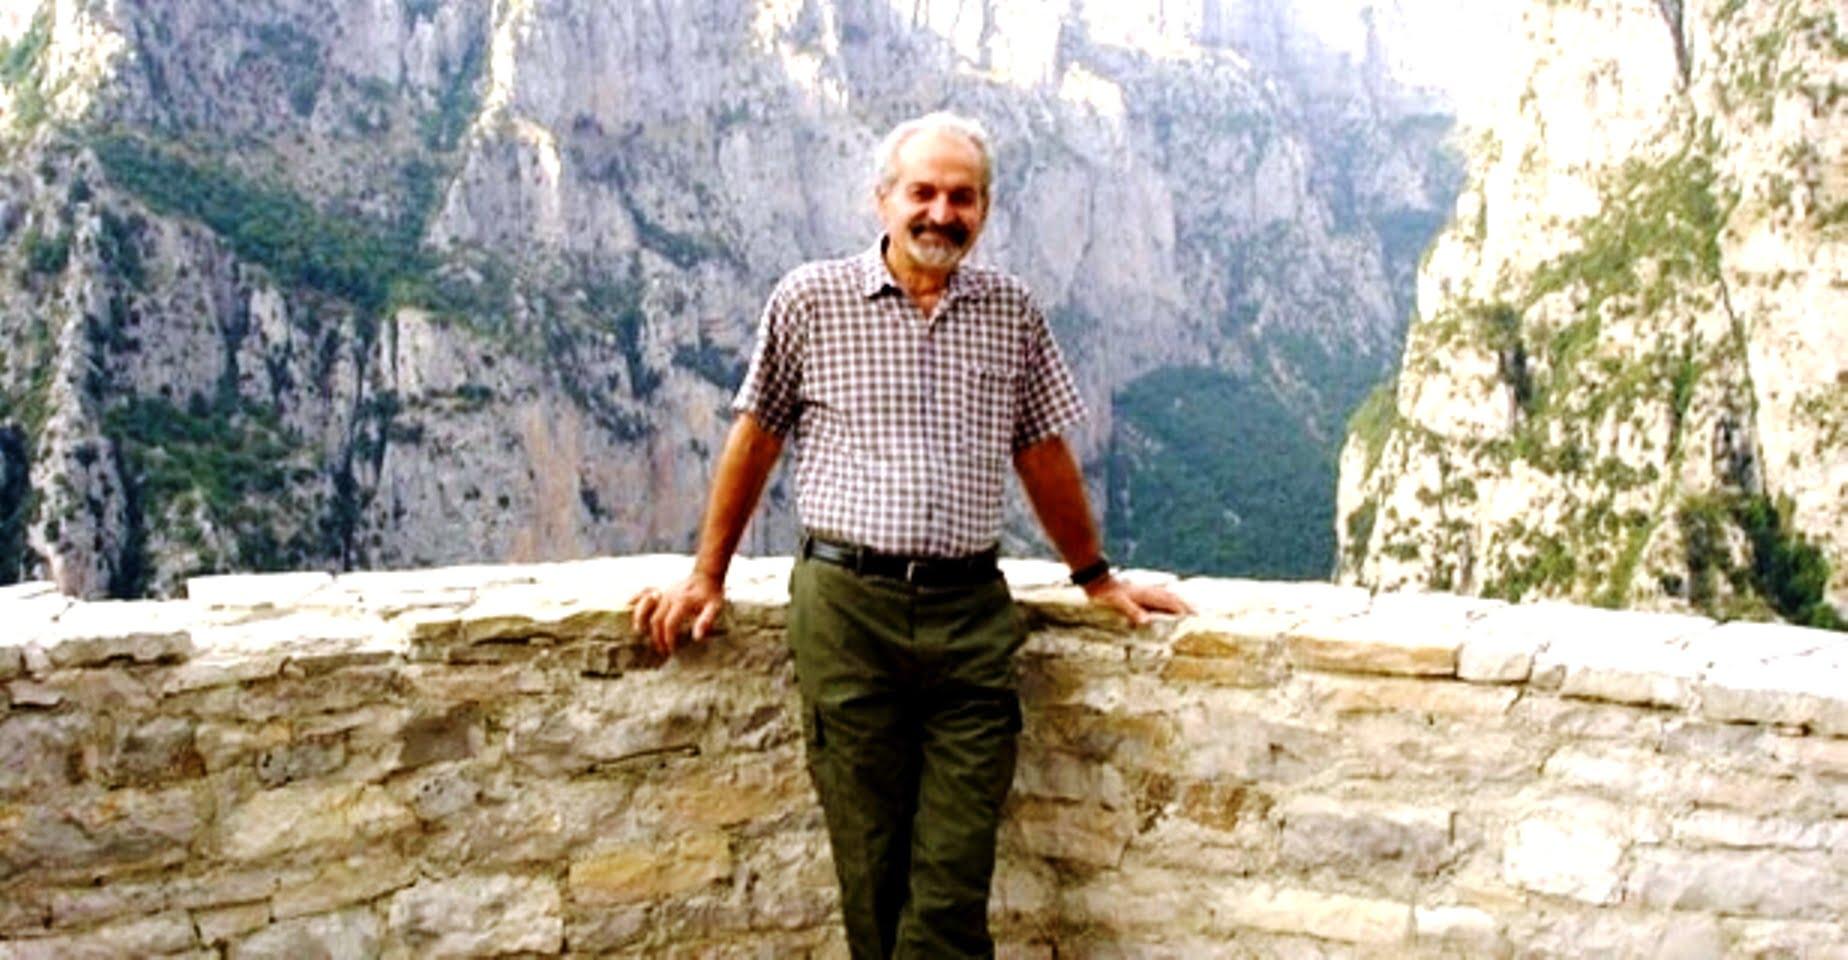 'Εφυγε ο Δαμιανός Βασιλειάδης. Η Ελλάδα του ΠΑΣΟΚ και της μεταπολίτευσης